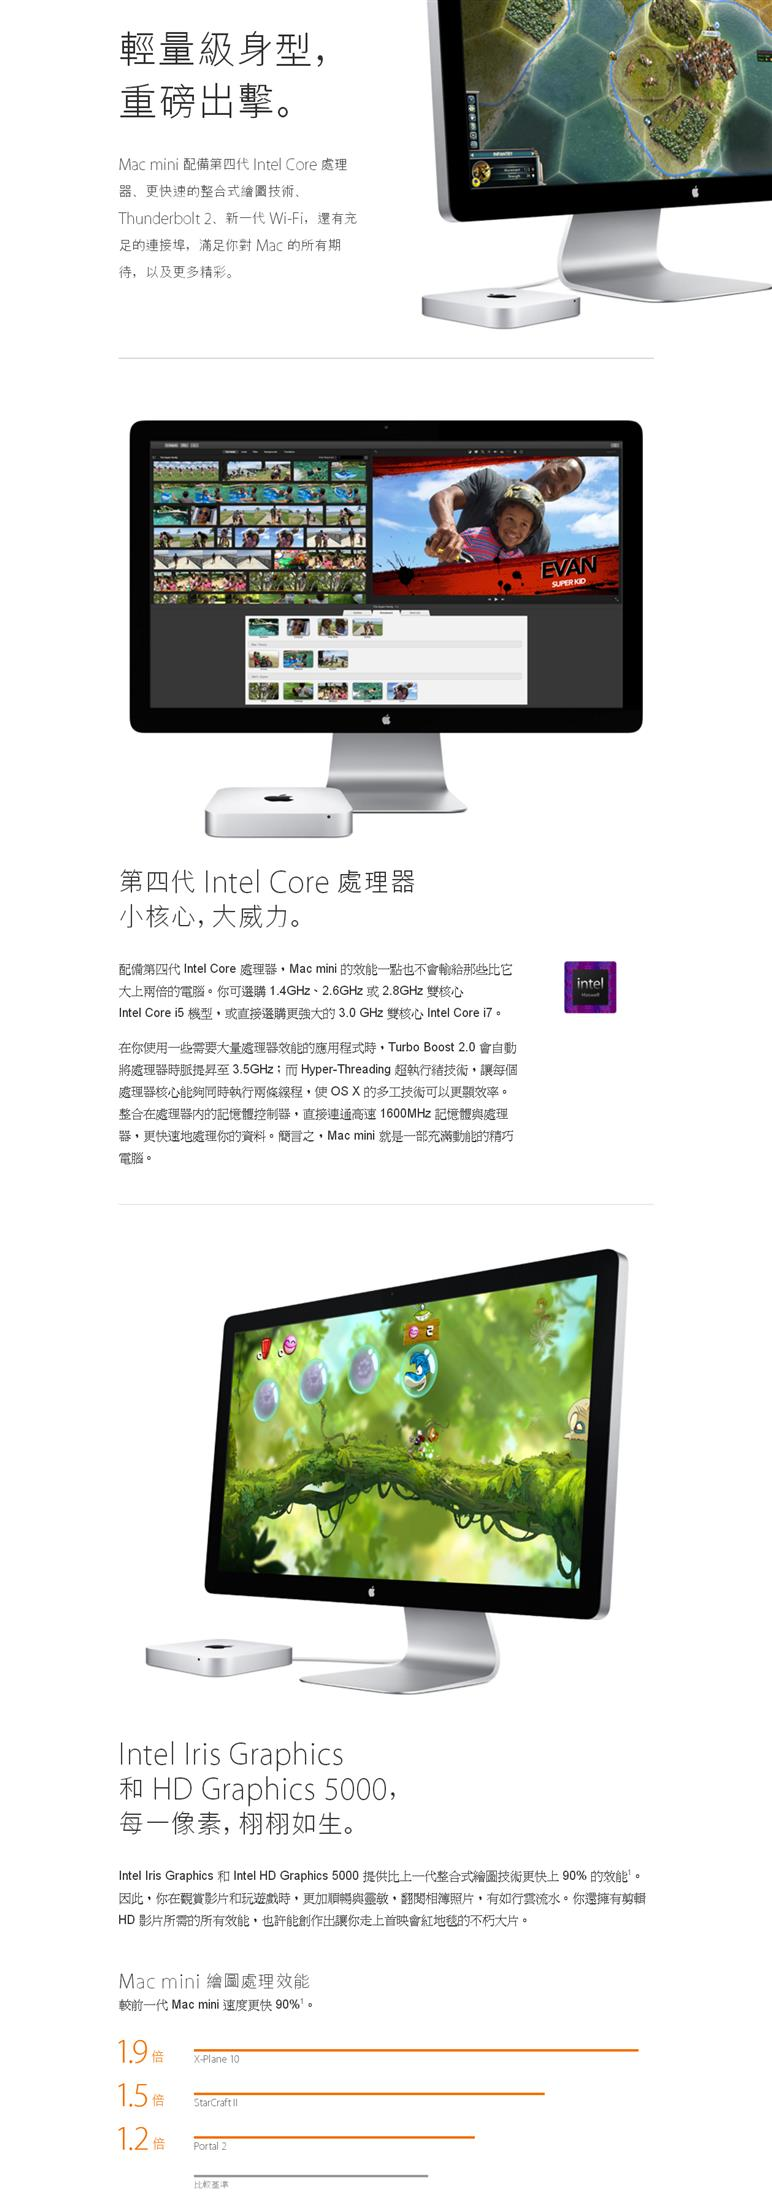 Mac Mini Vr